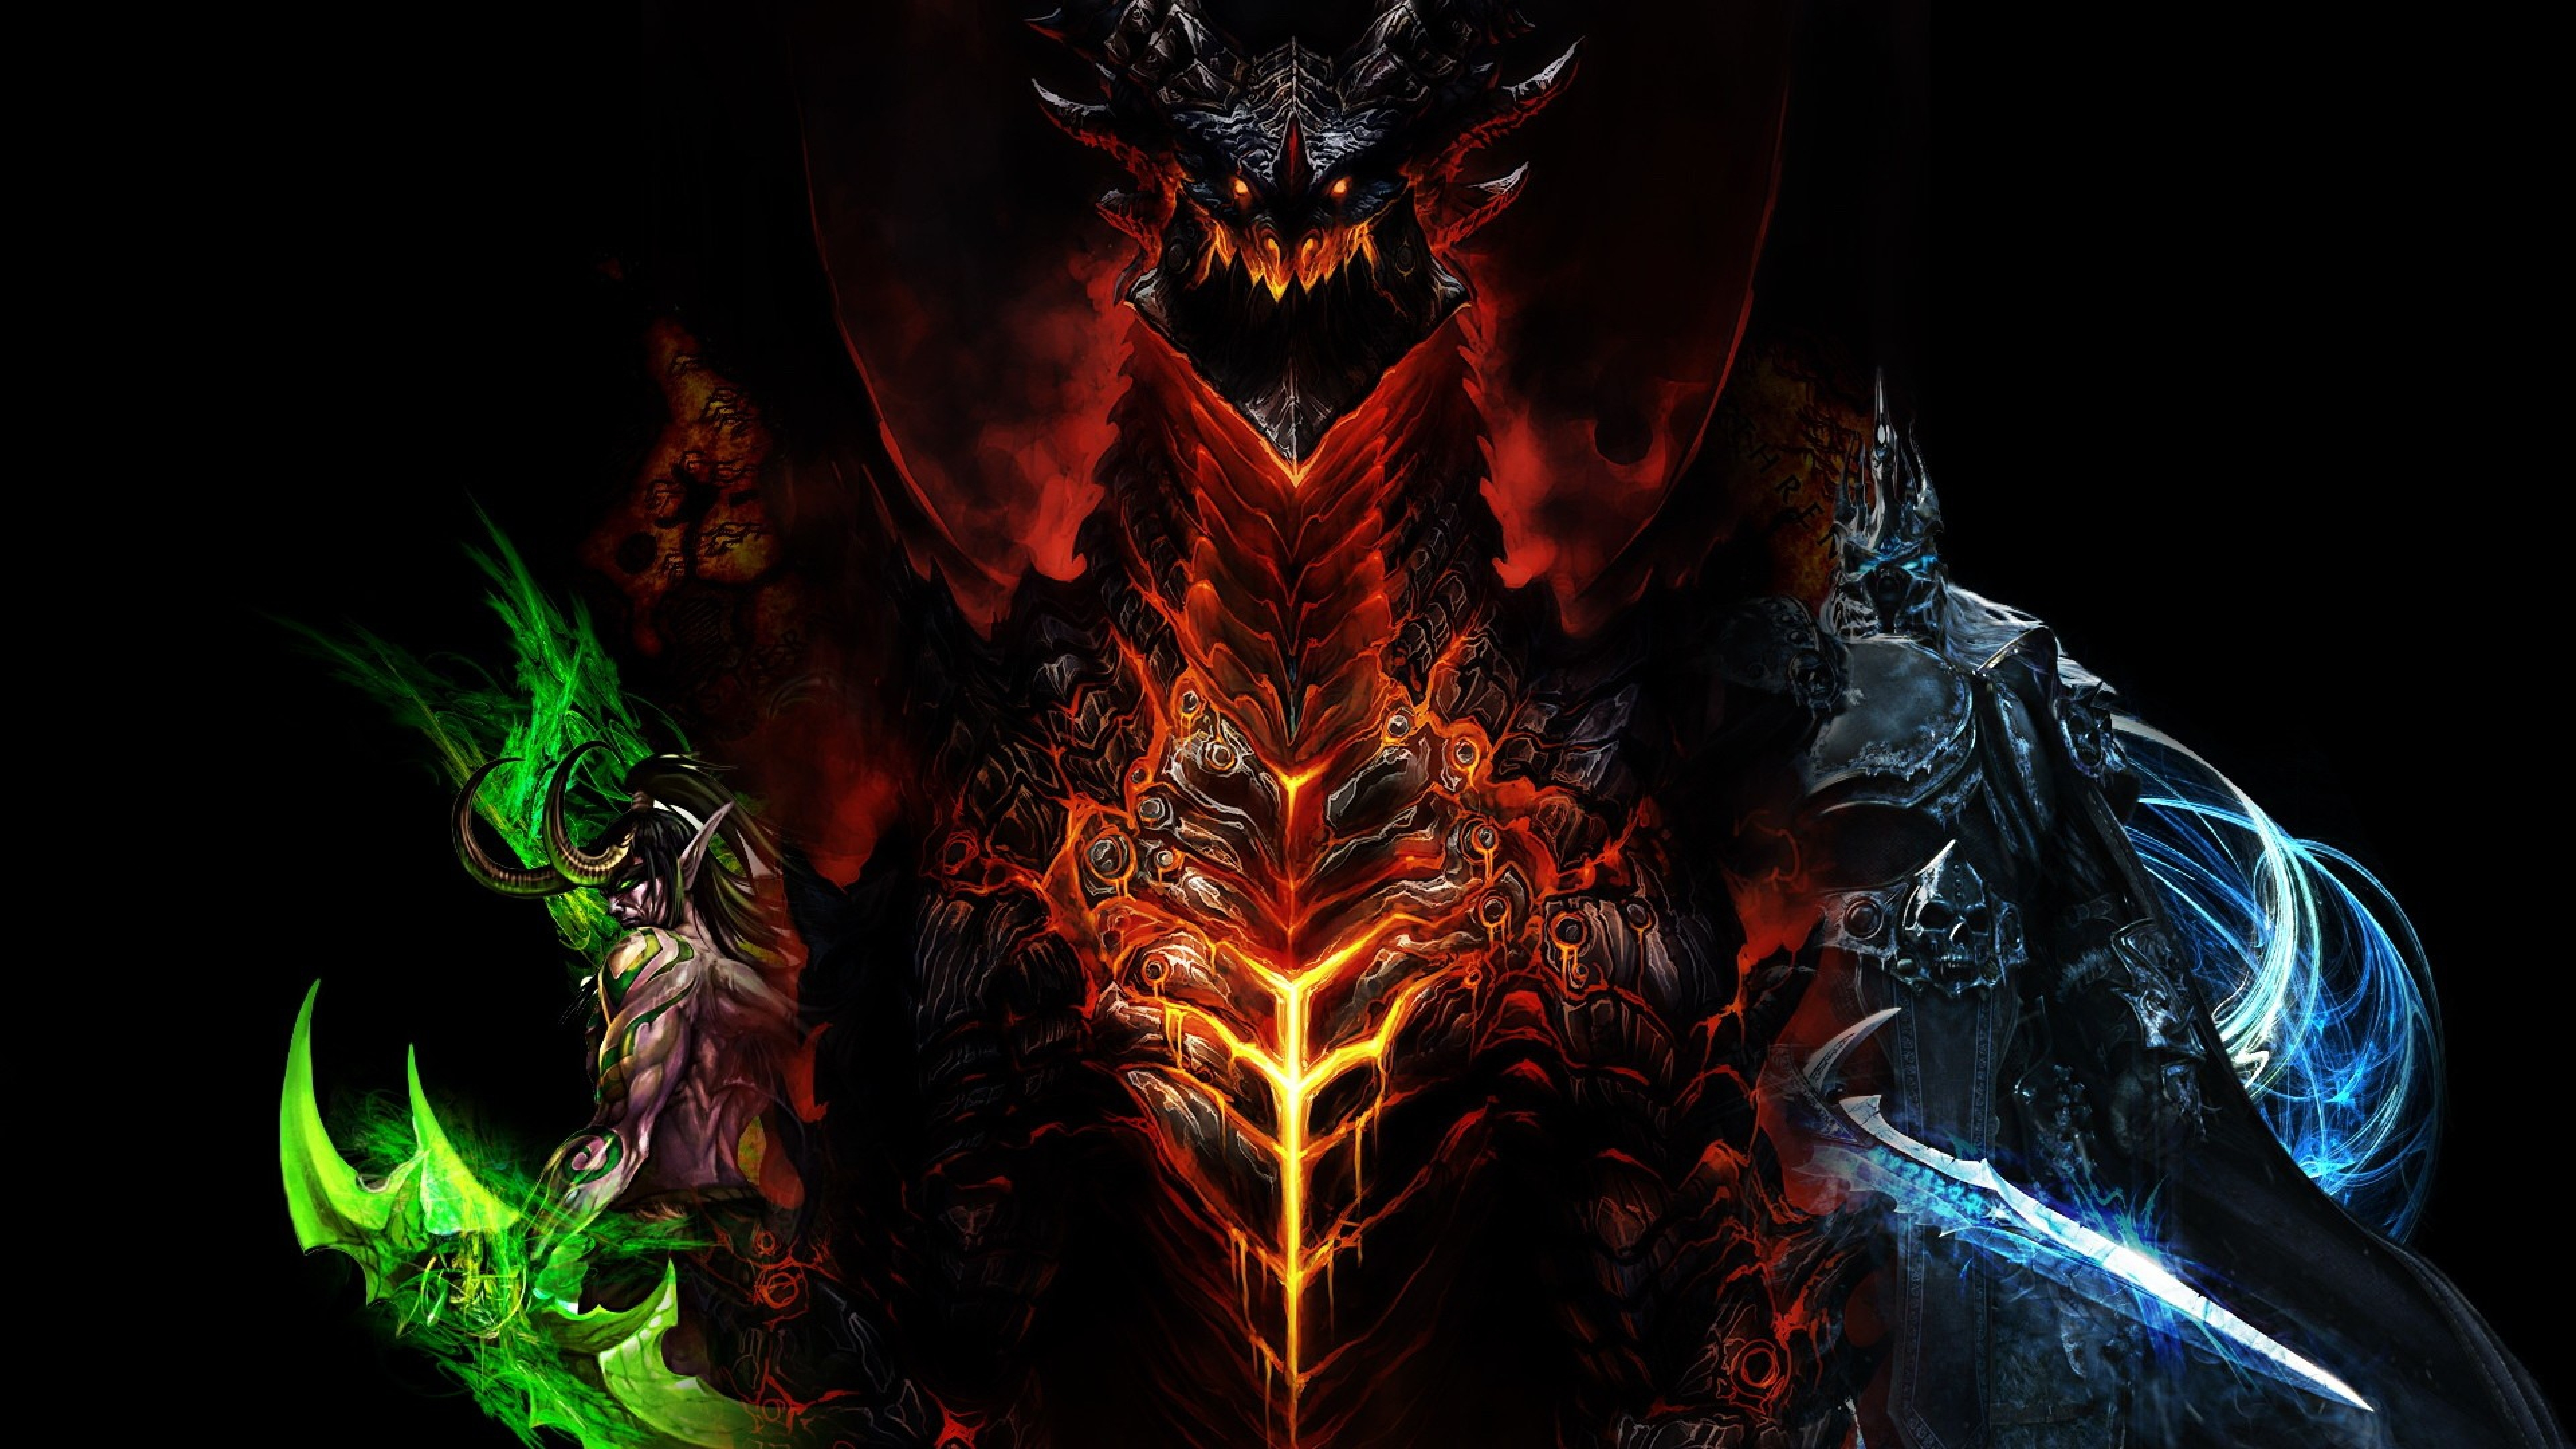 4K Cool Dragon Wallpapers  WallpaperSafari